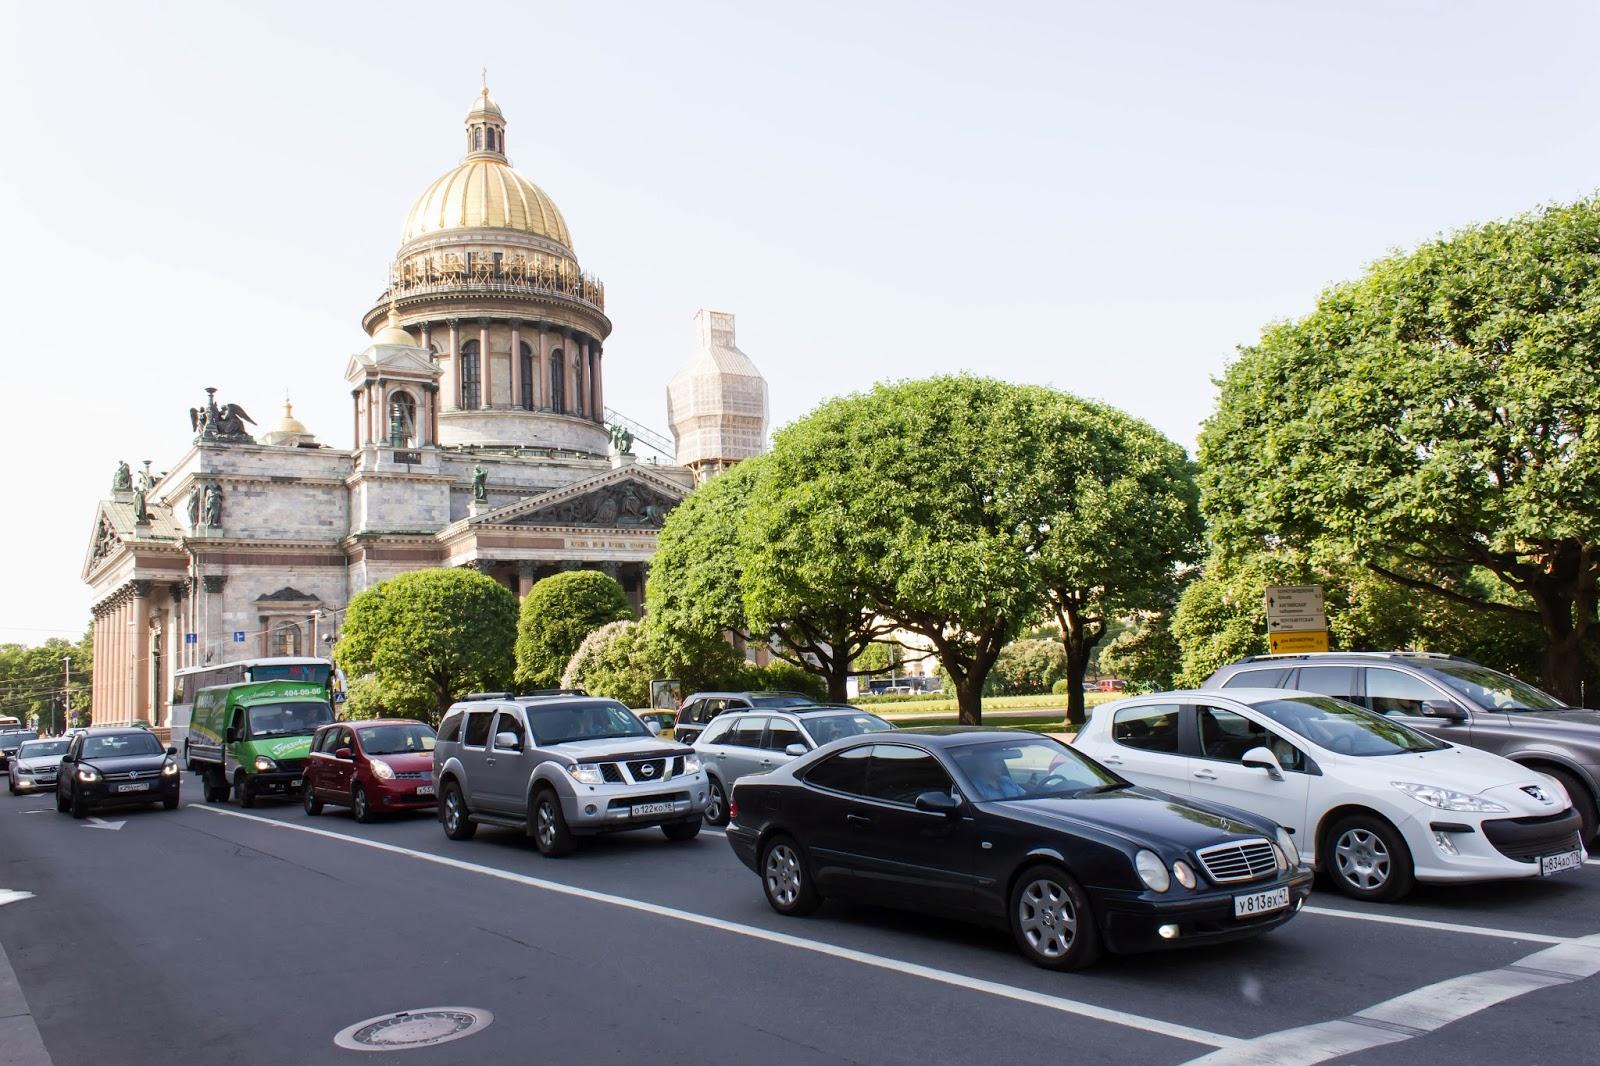 Санкт-Петербург, Россия, Исаакиевский Собор